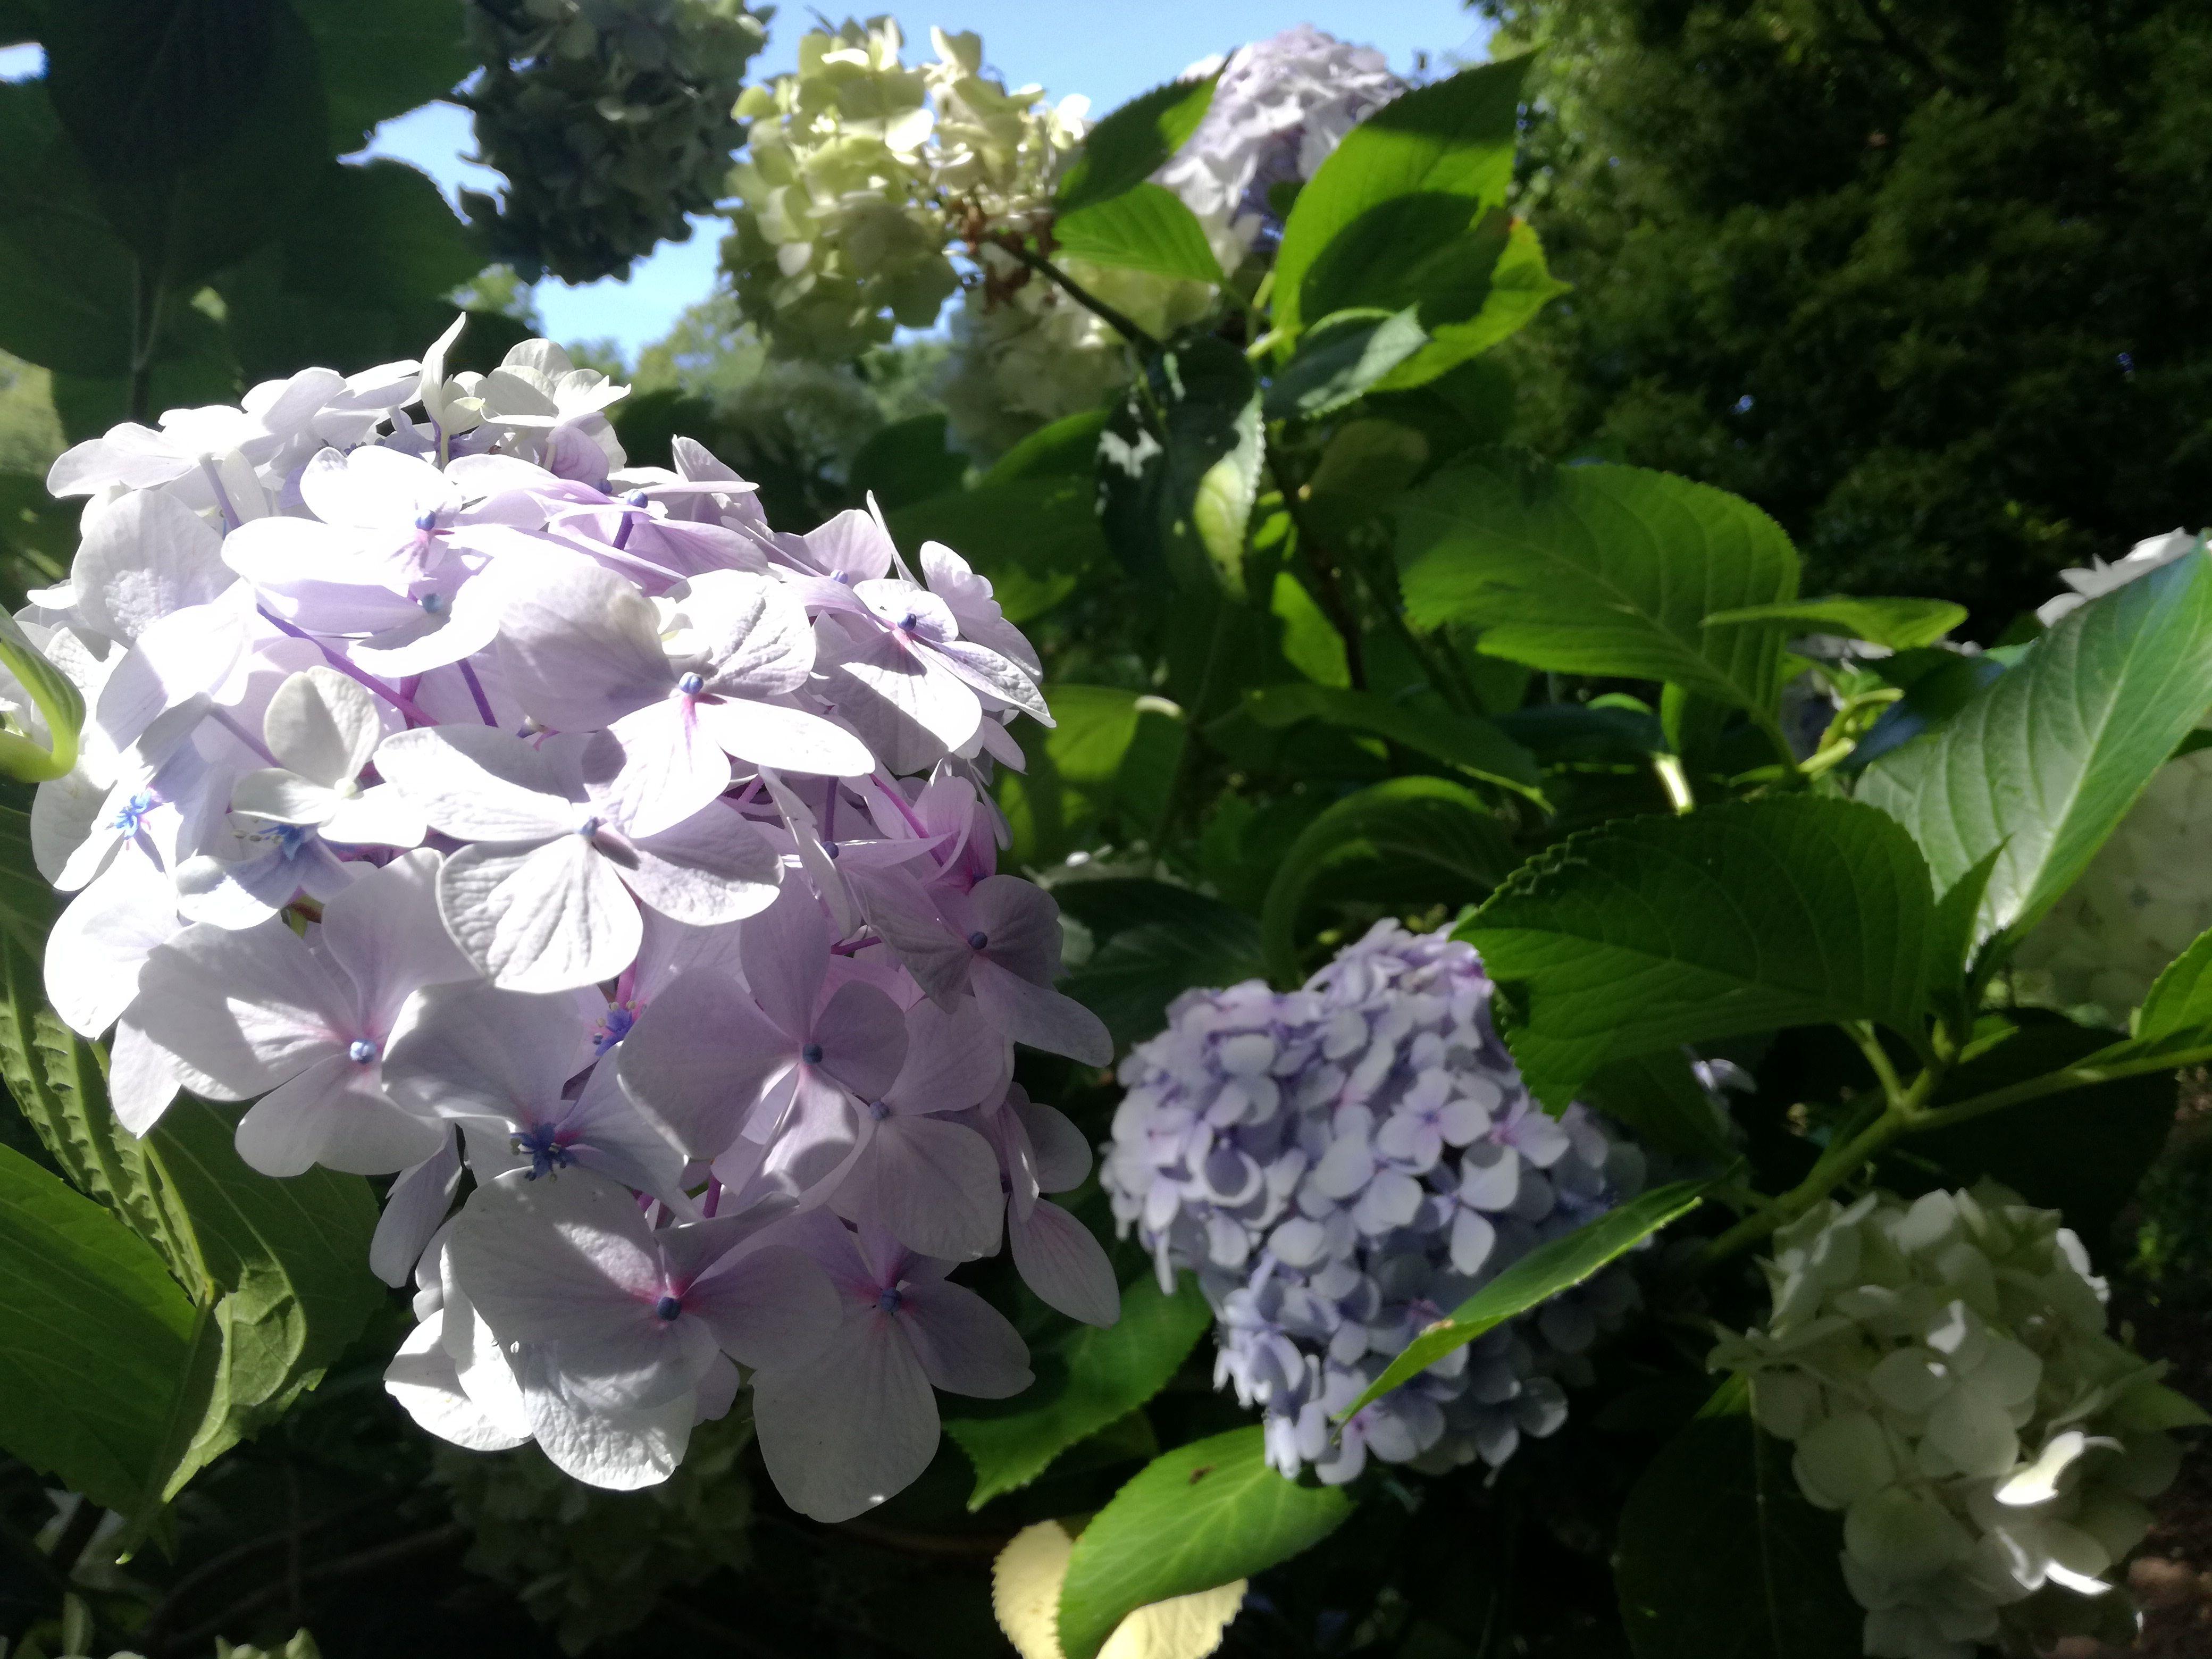 Hortensias Blancs Beaute A L Etat Pur Les Jardins De Kerdalo